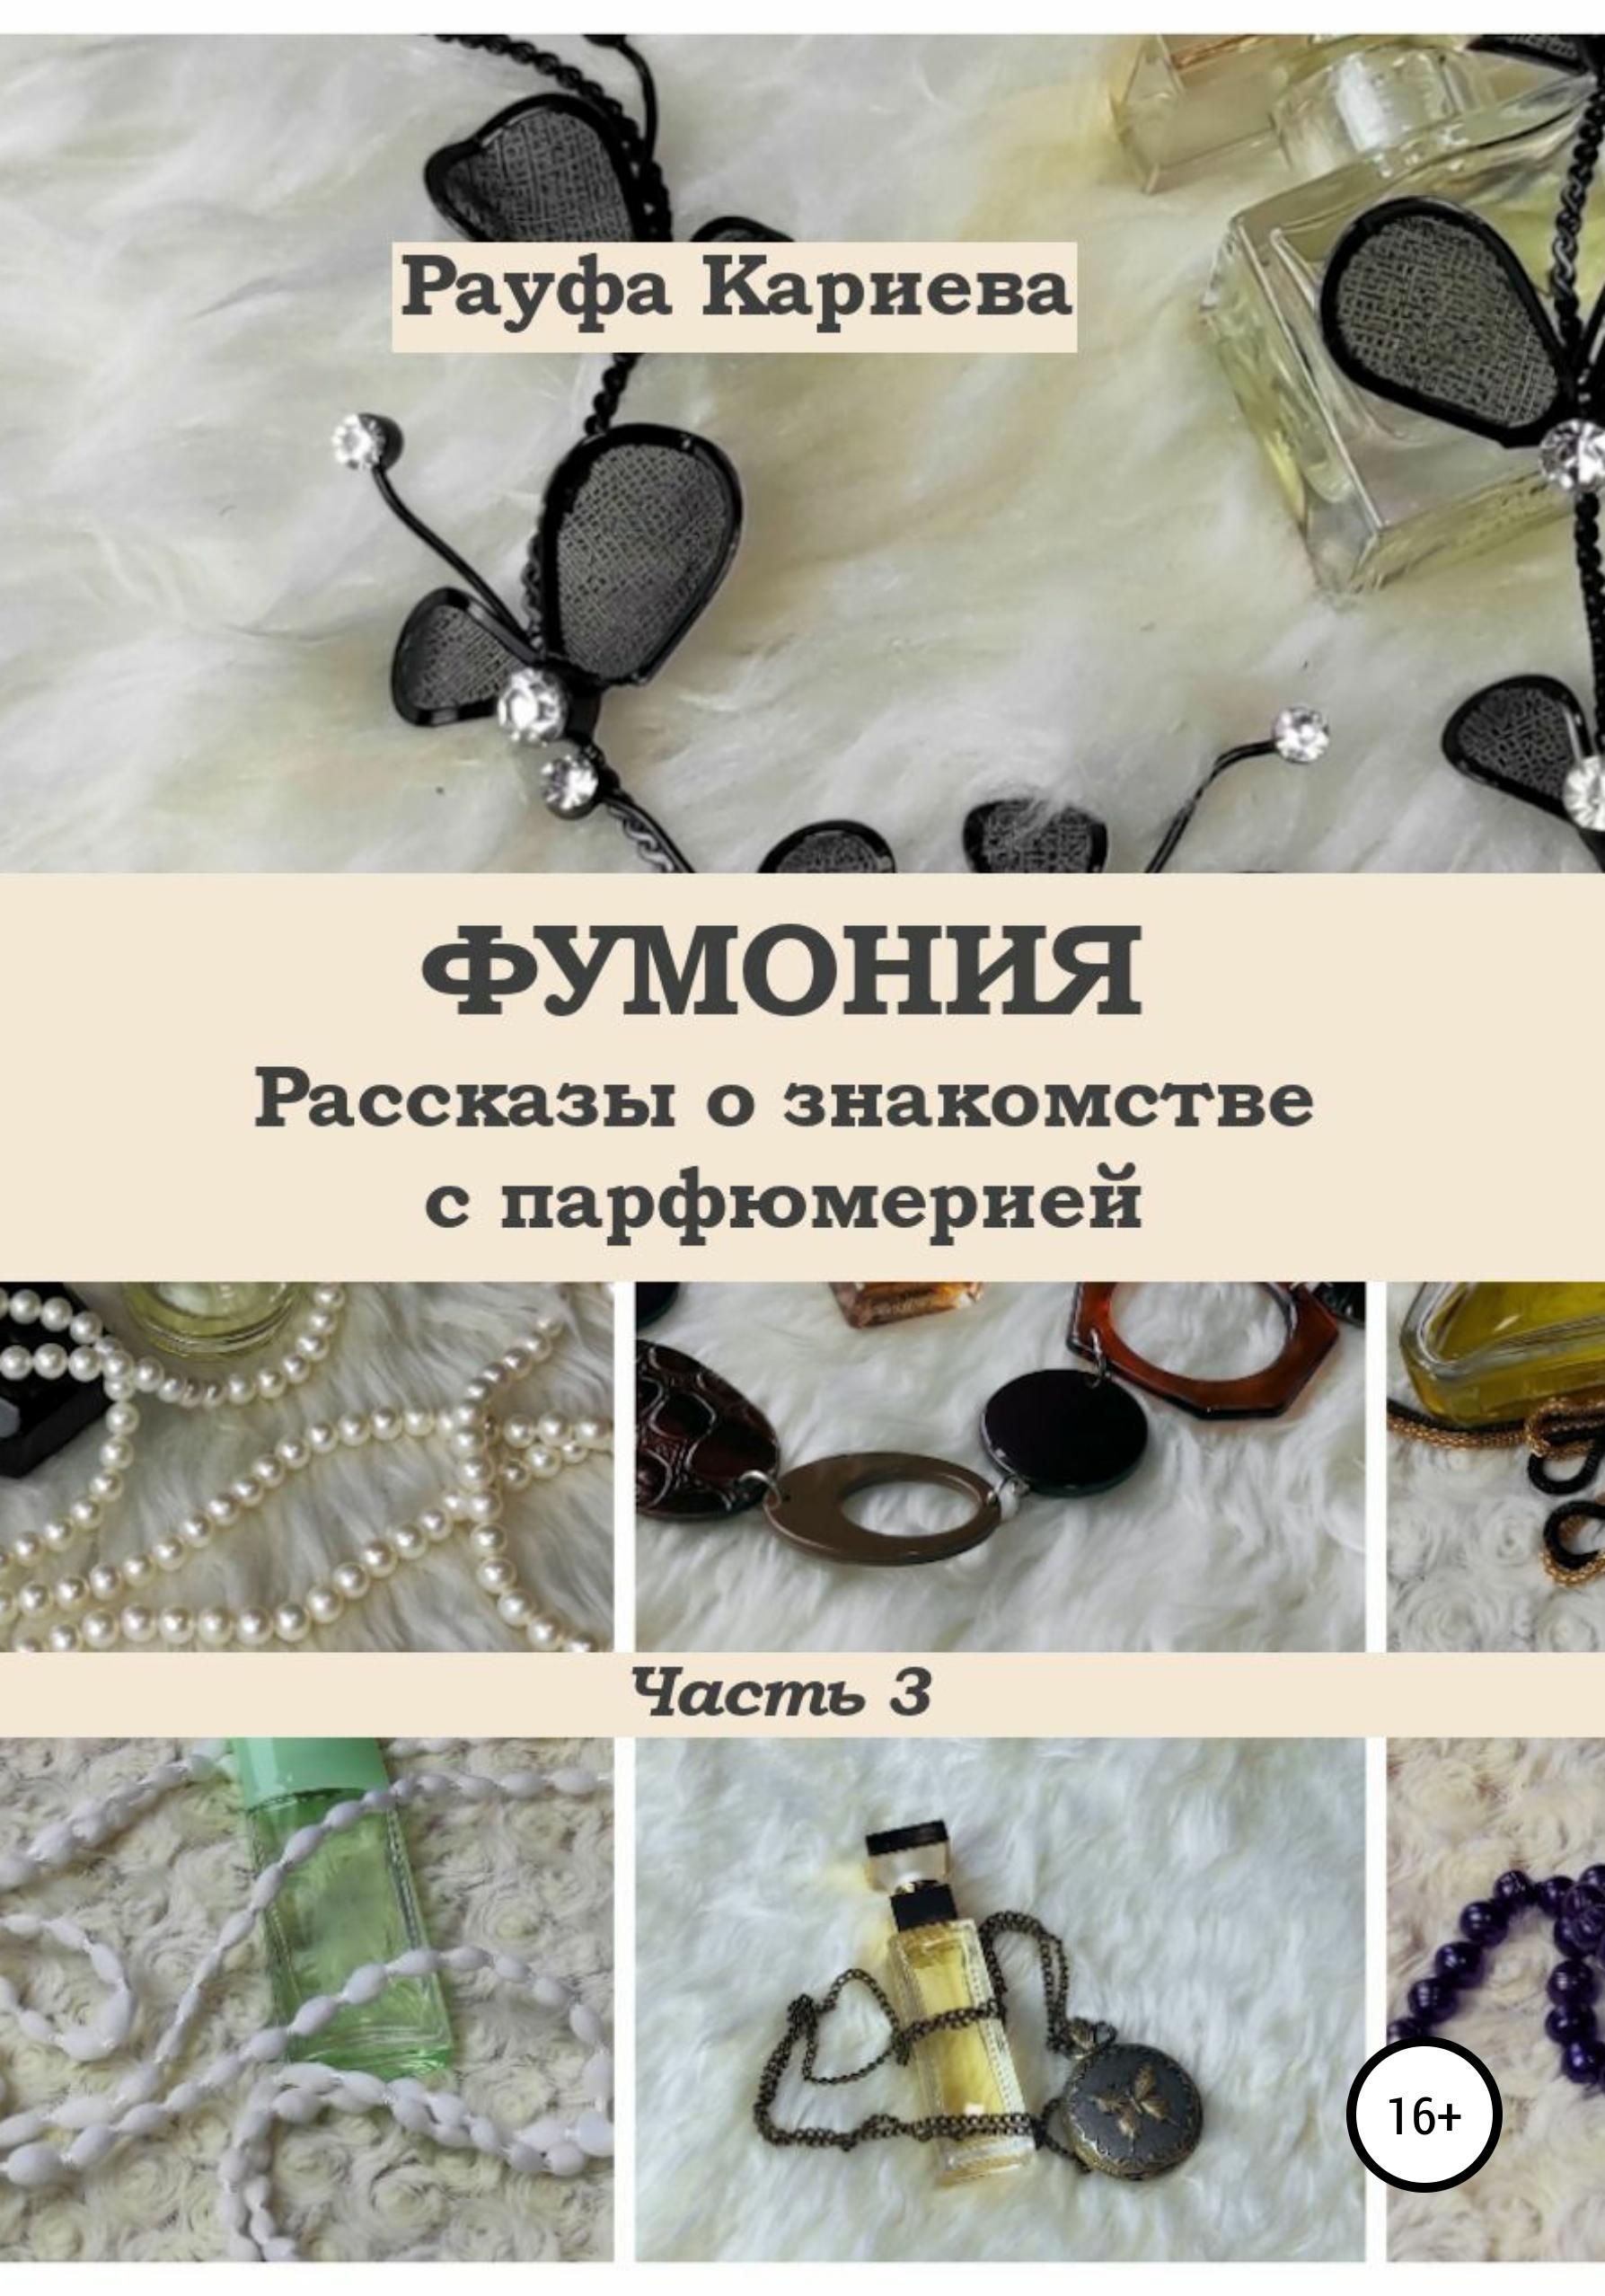 Купить книгу Фумония 3, автора Рауфы Кариевой